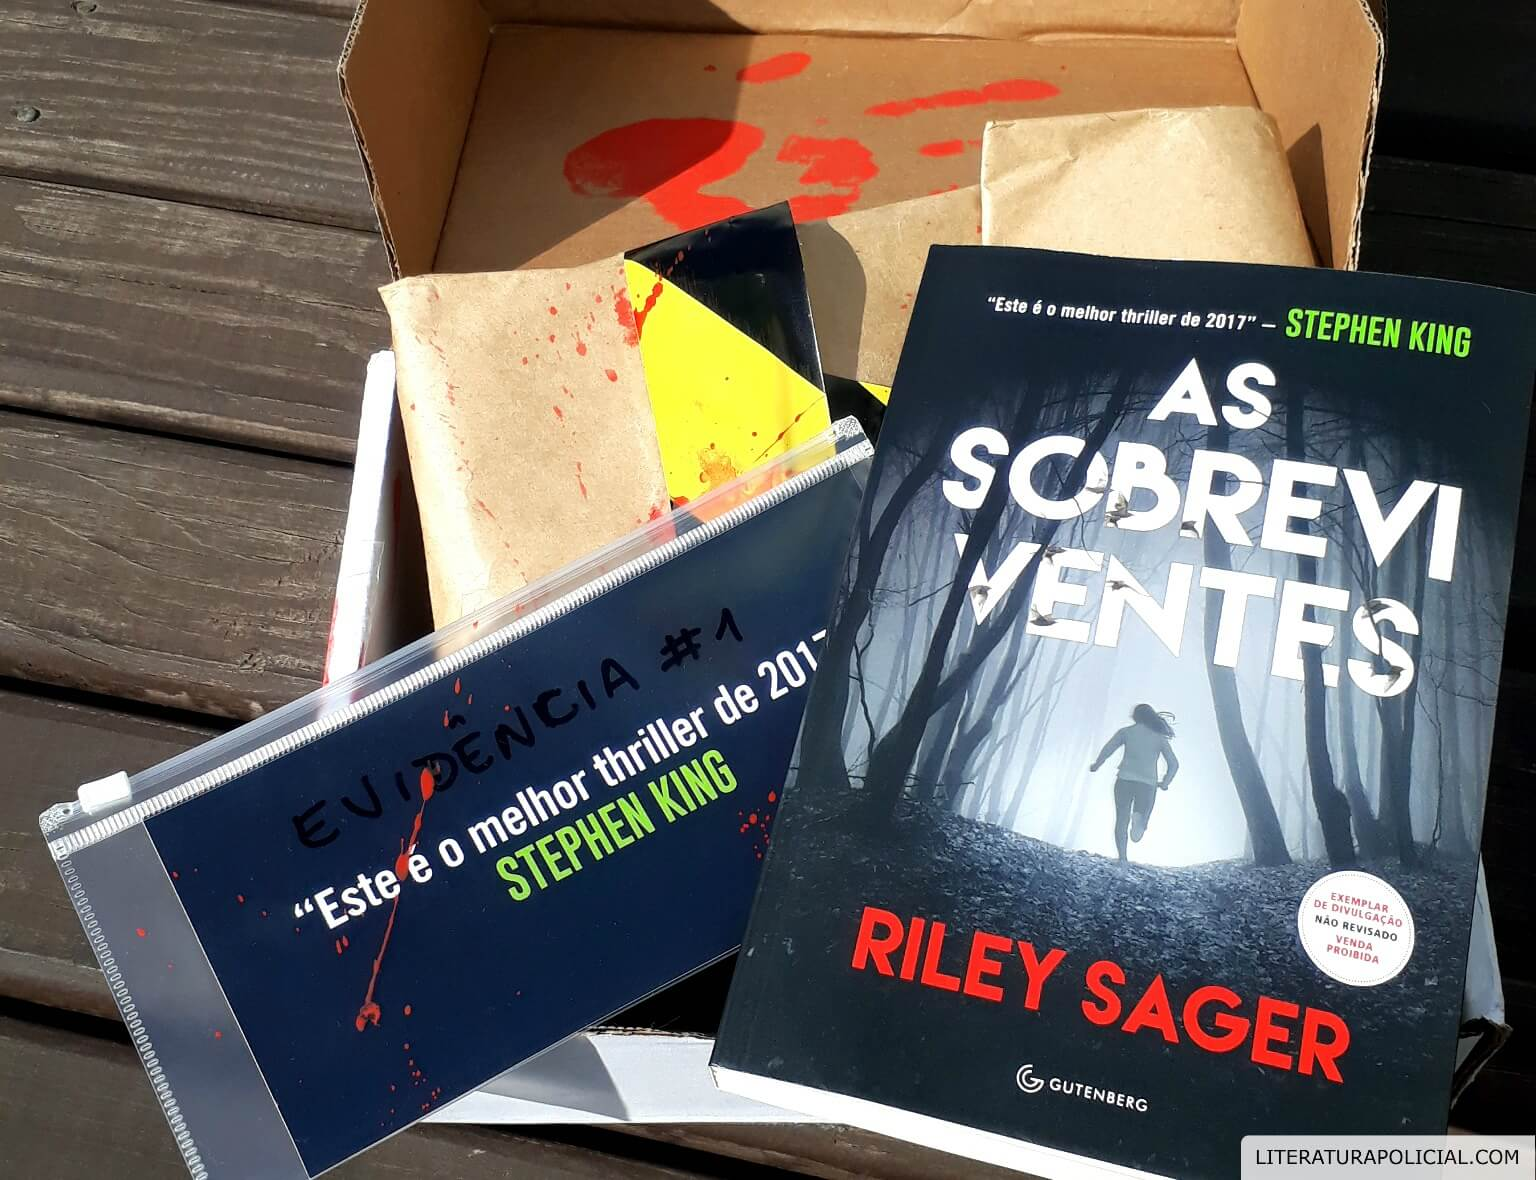 RESENHA | As sobreviventes, Riley Sager